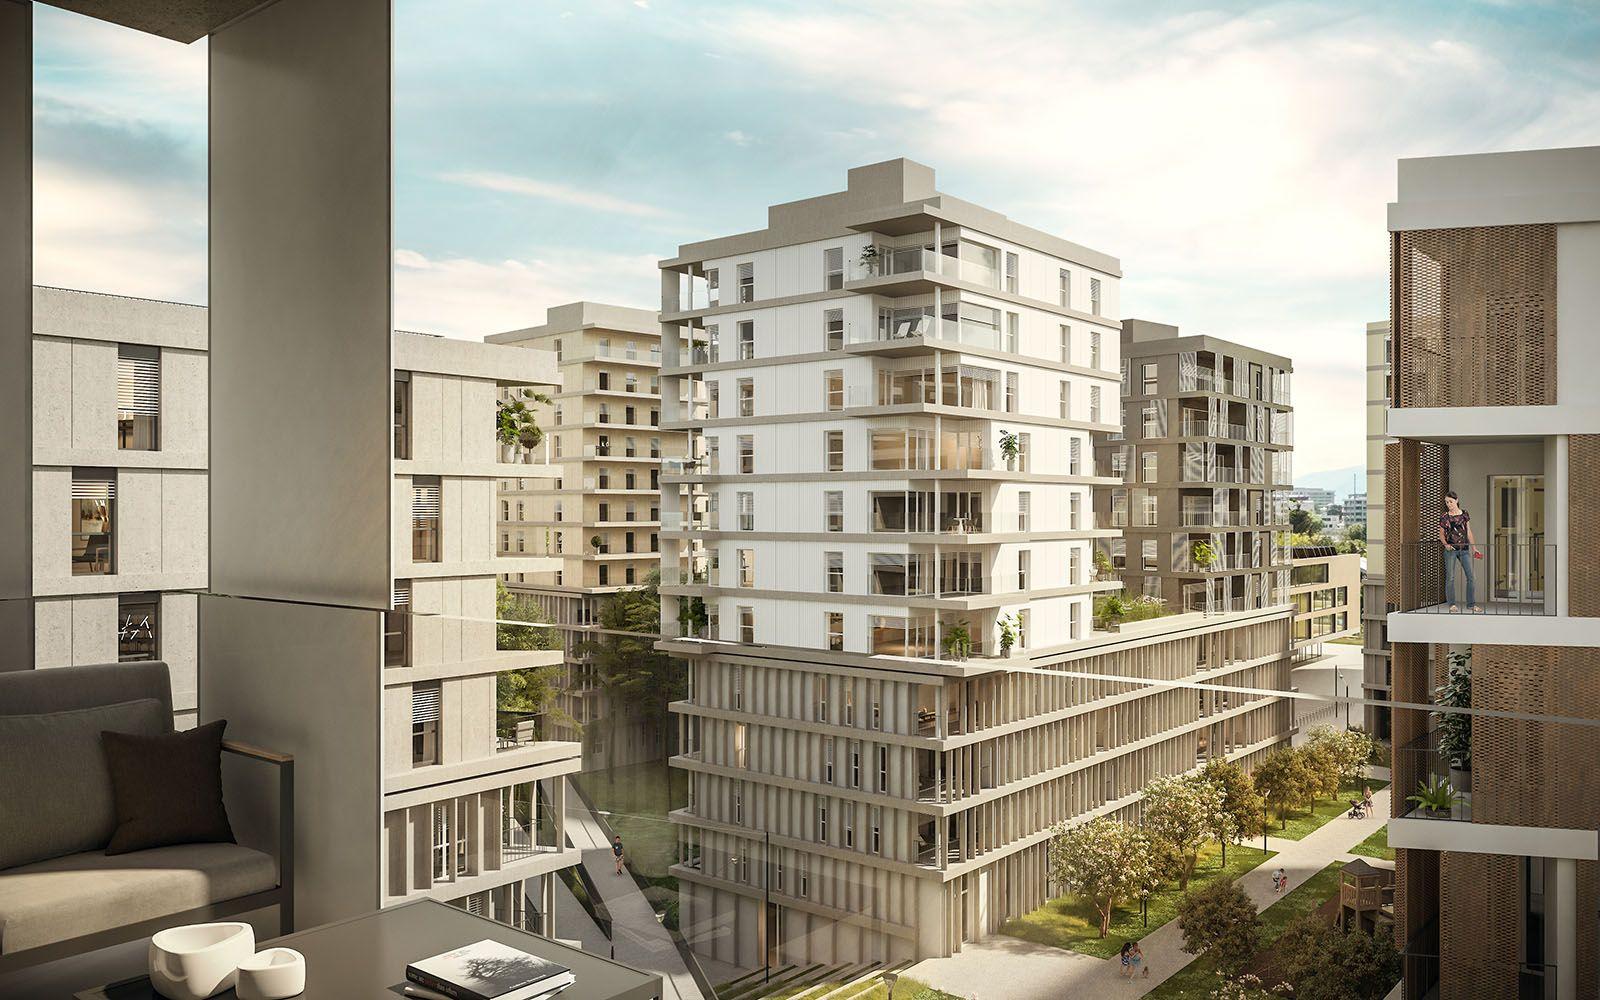 Quartier de L'Etang 889